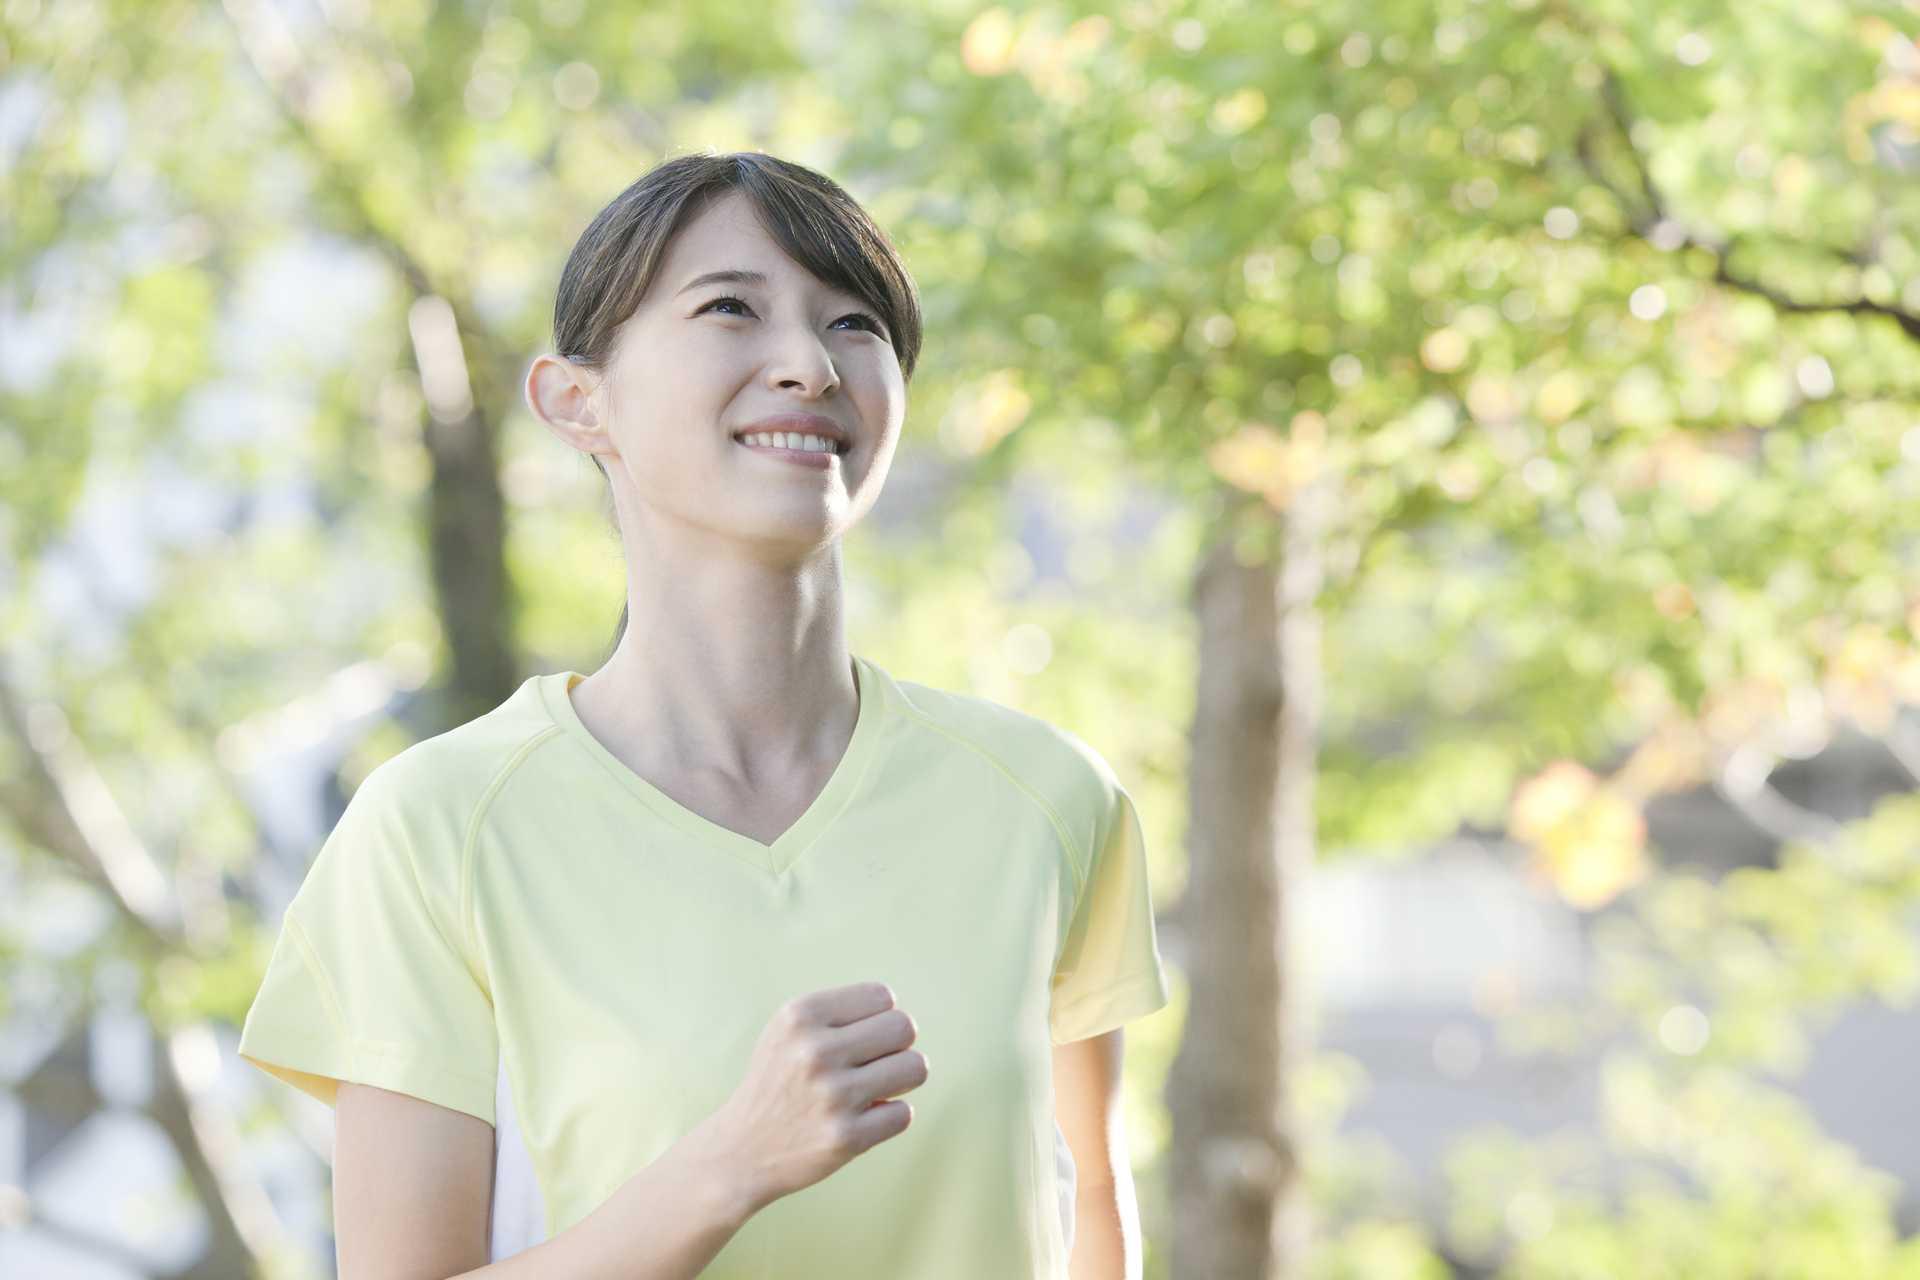 1日10,000歩歩くより、1週間続けるほうが、はるかに大変。 | 早朝の散歩習慣のすすめ